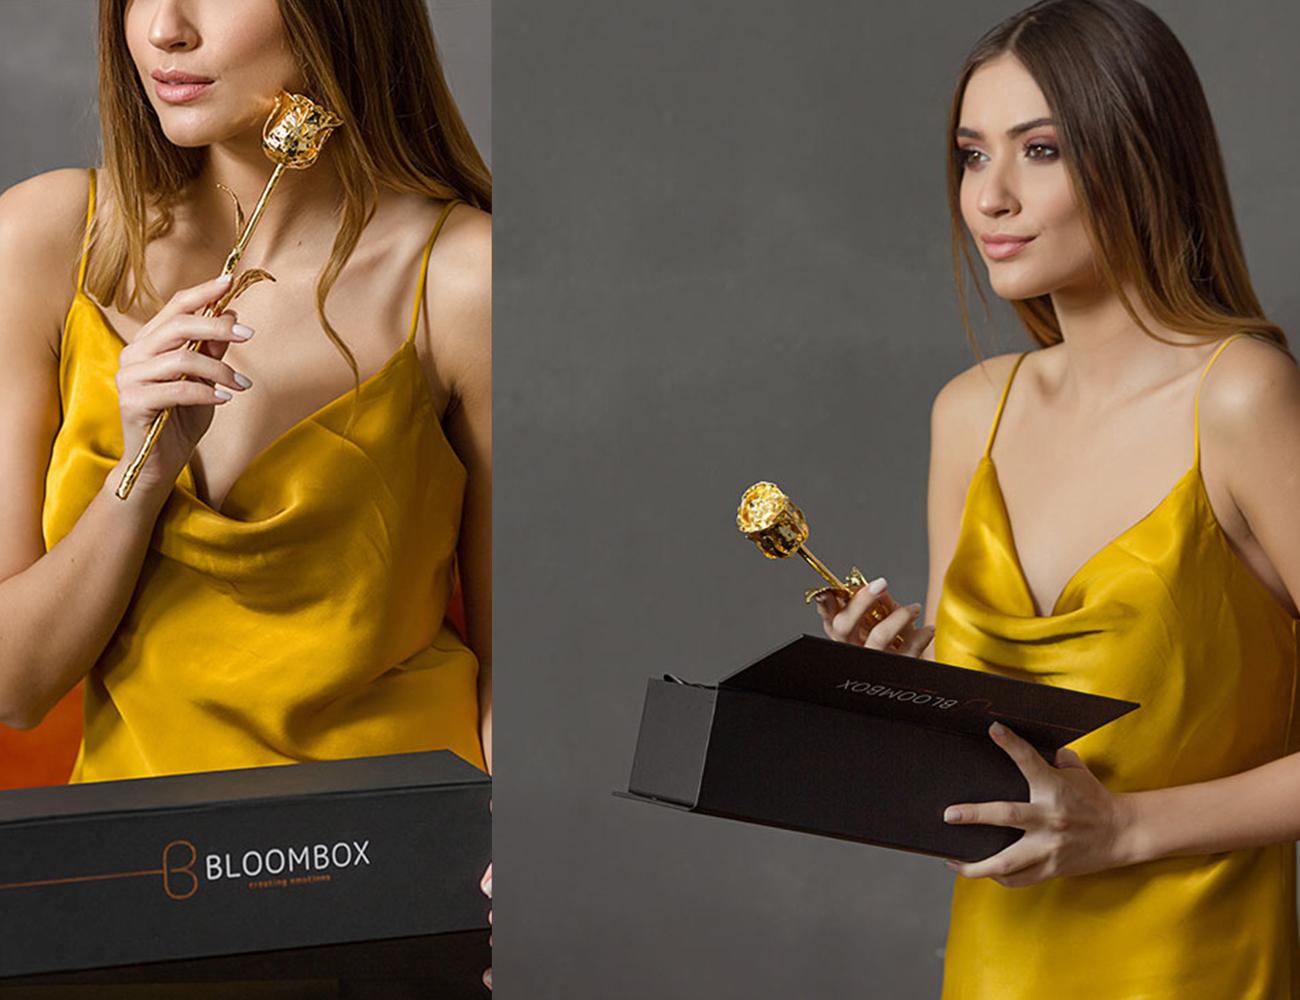 bloomboxgraphicdesign4